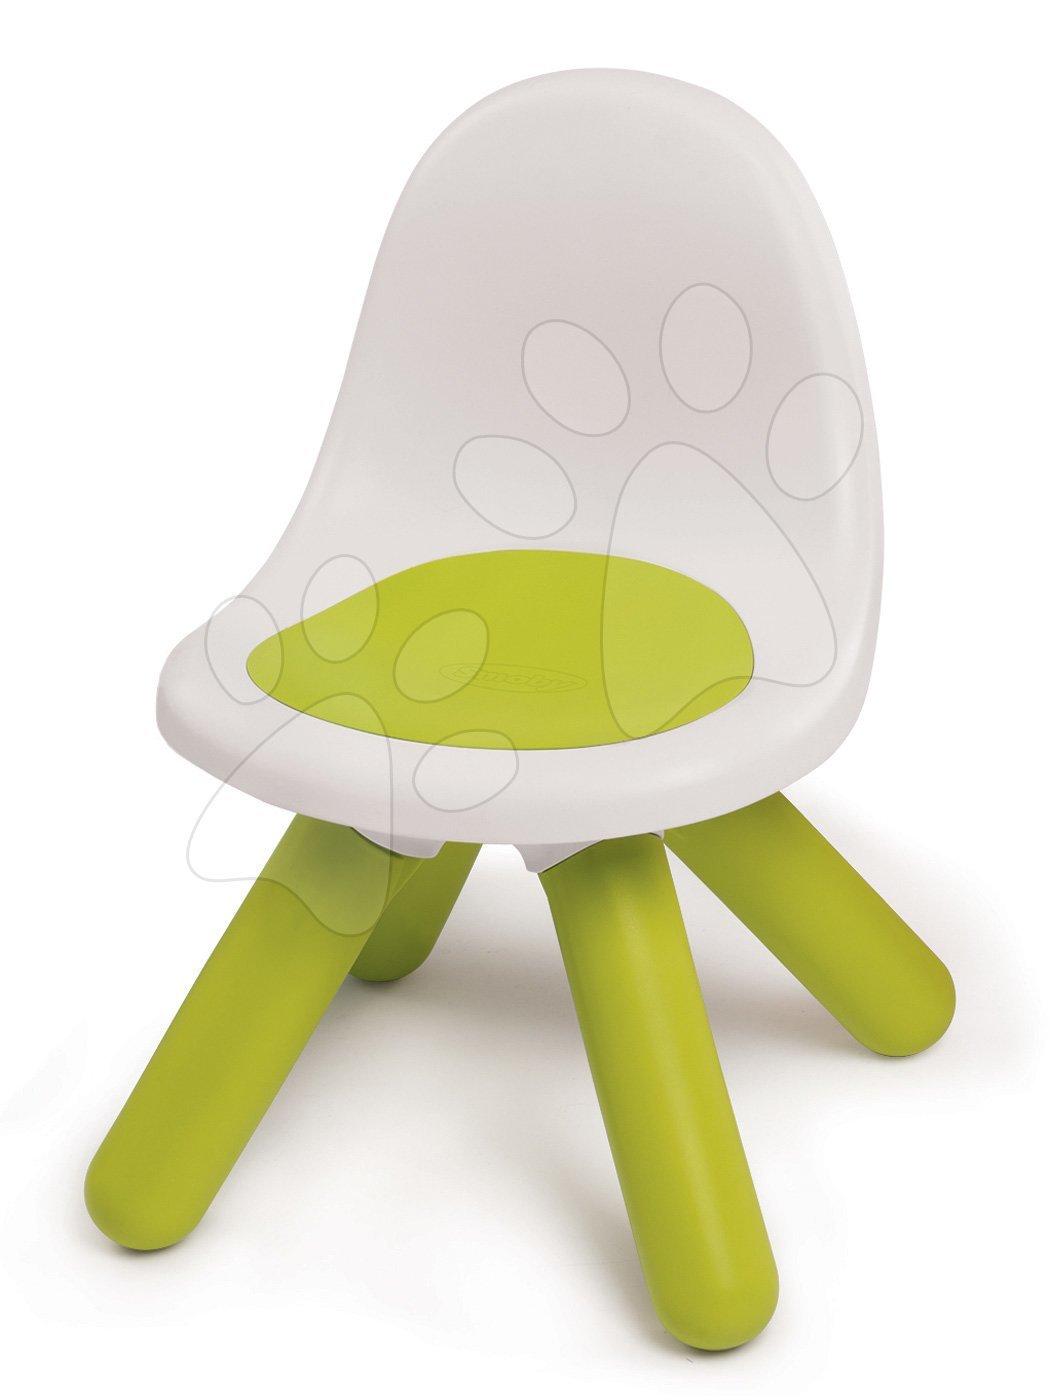 Židle KidChair Smoby s UV filtrem, výška 27 cm, zelená od 18 měsíců